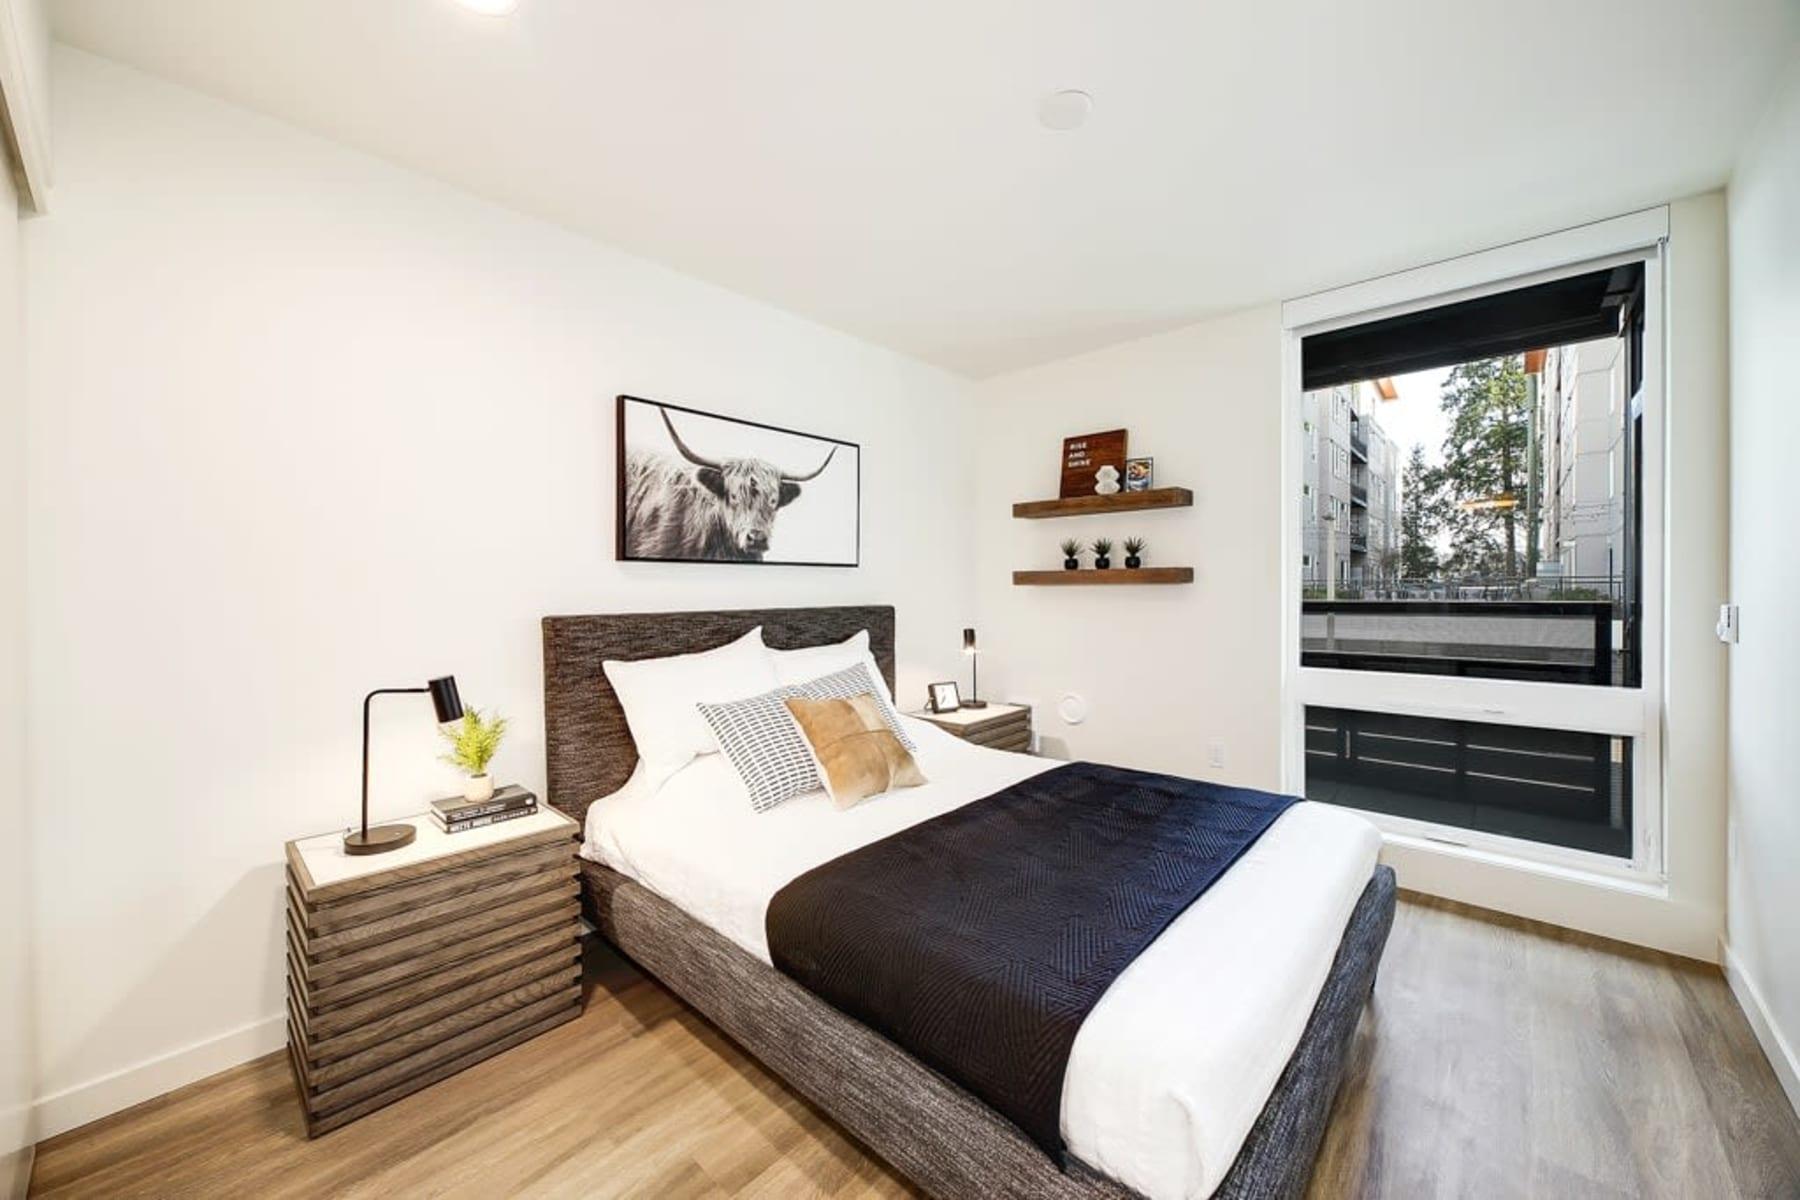 Bedroom at Blackbird in Redmond, Washington